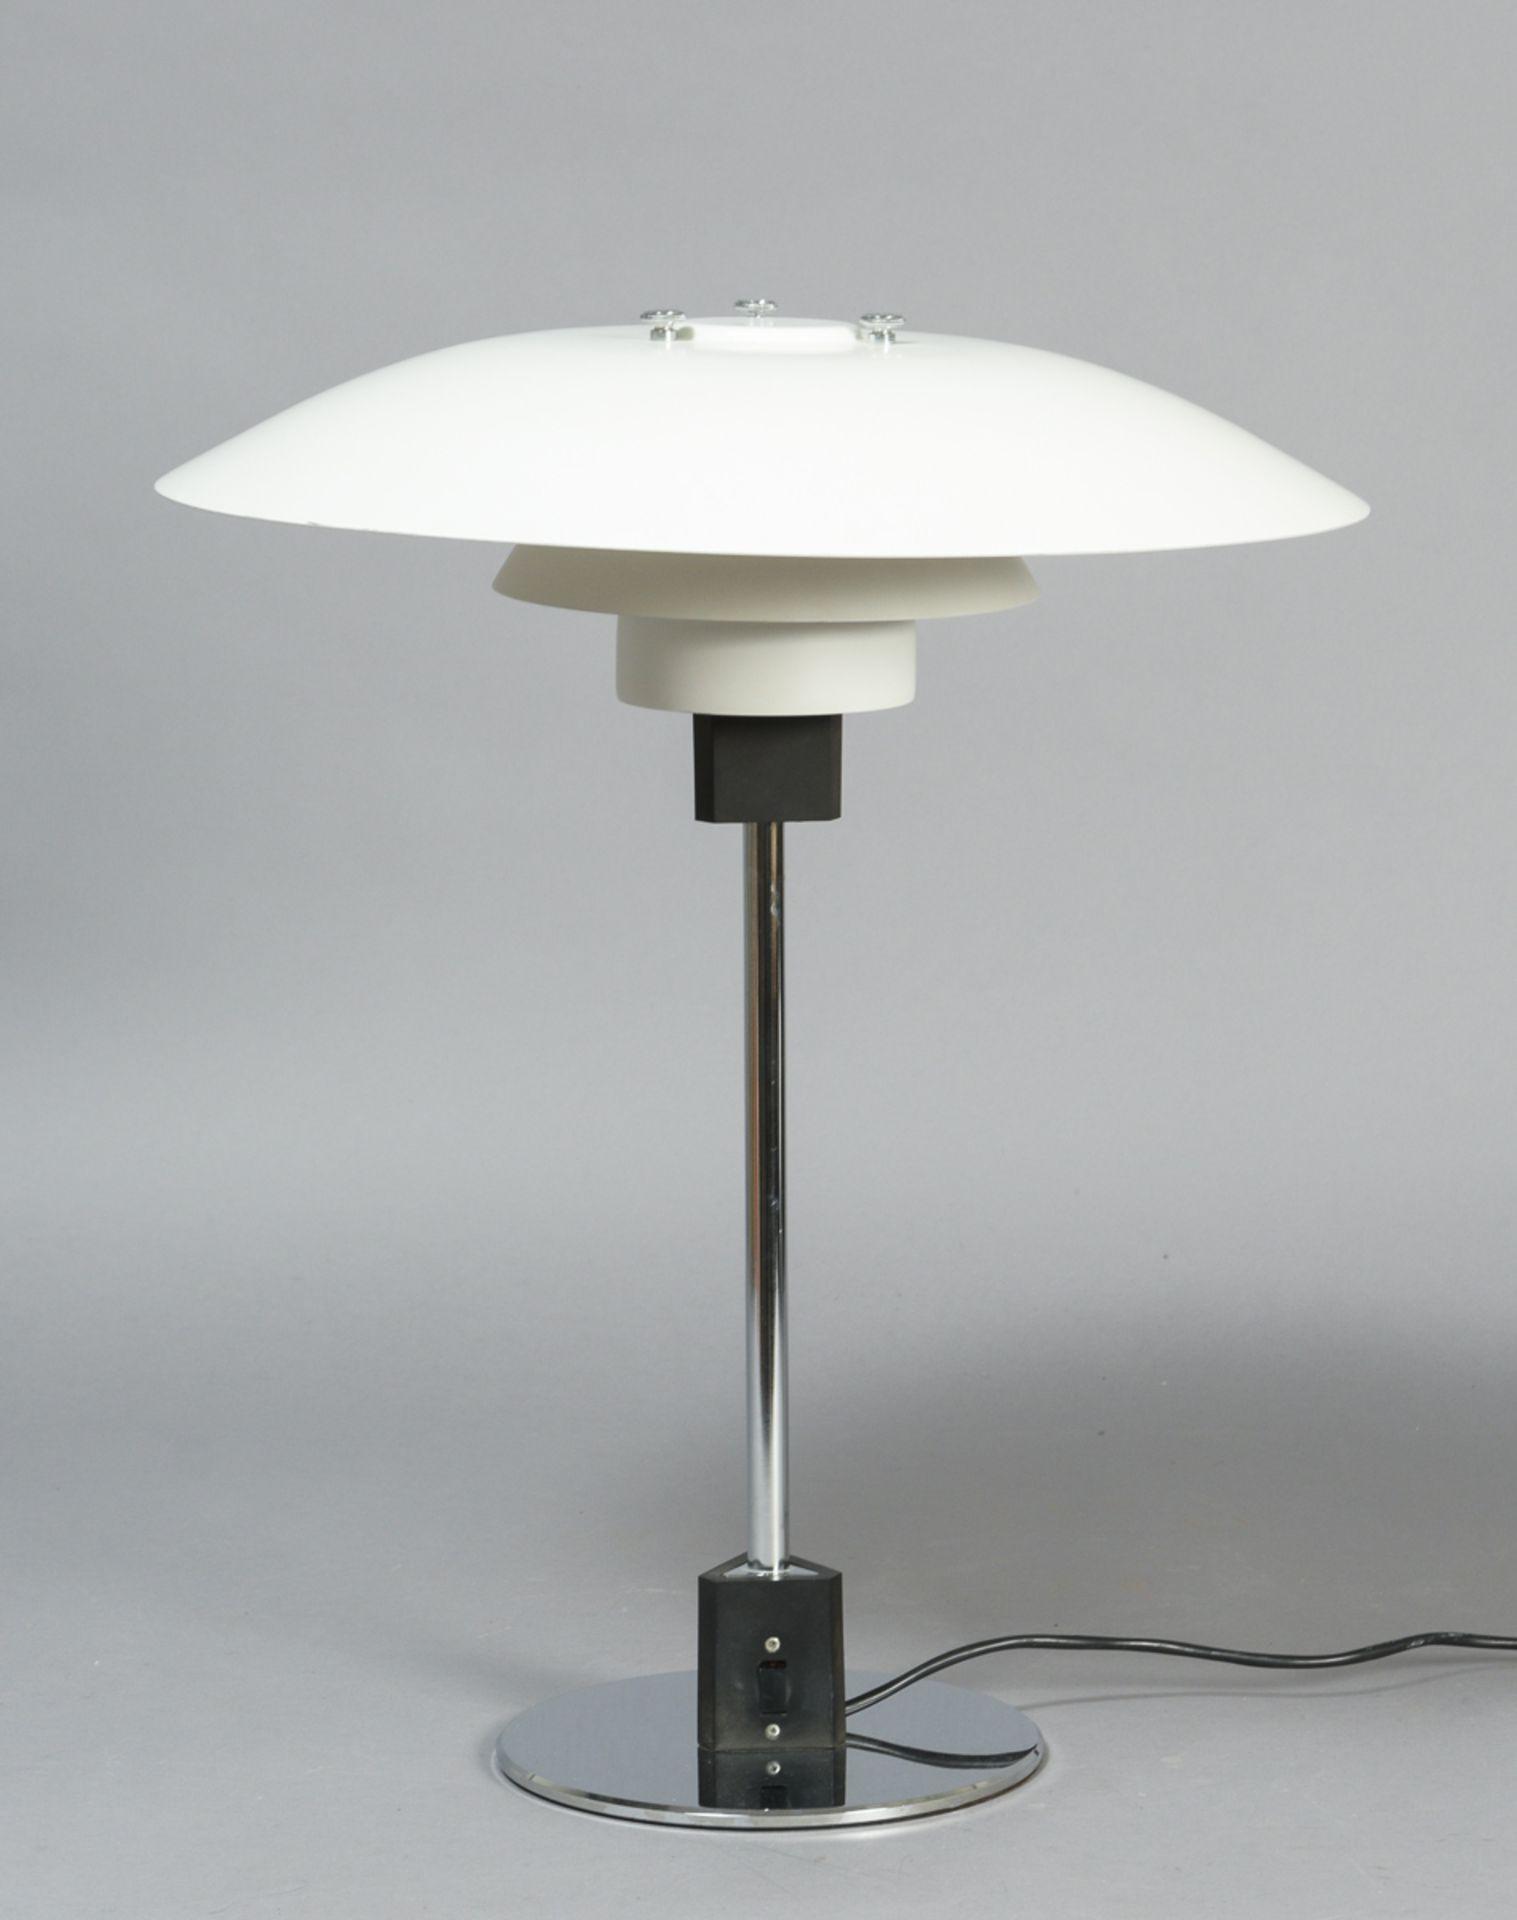 Poul Henningsen (1894-1967) für Louis Poulsen, PH 4/3 Tischlampe, H. 53cm, Ø 45 cm. Altersspuren,